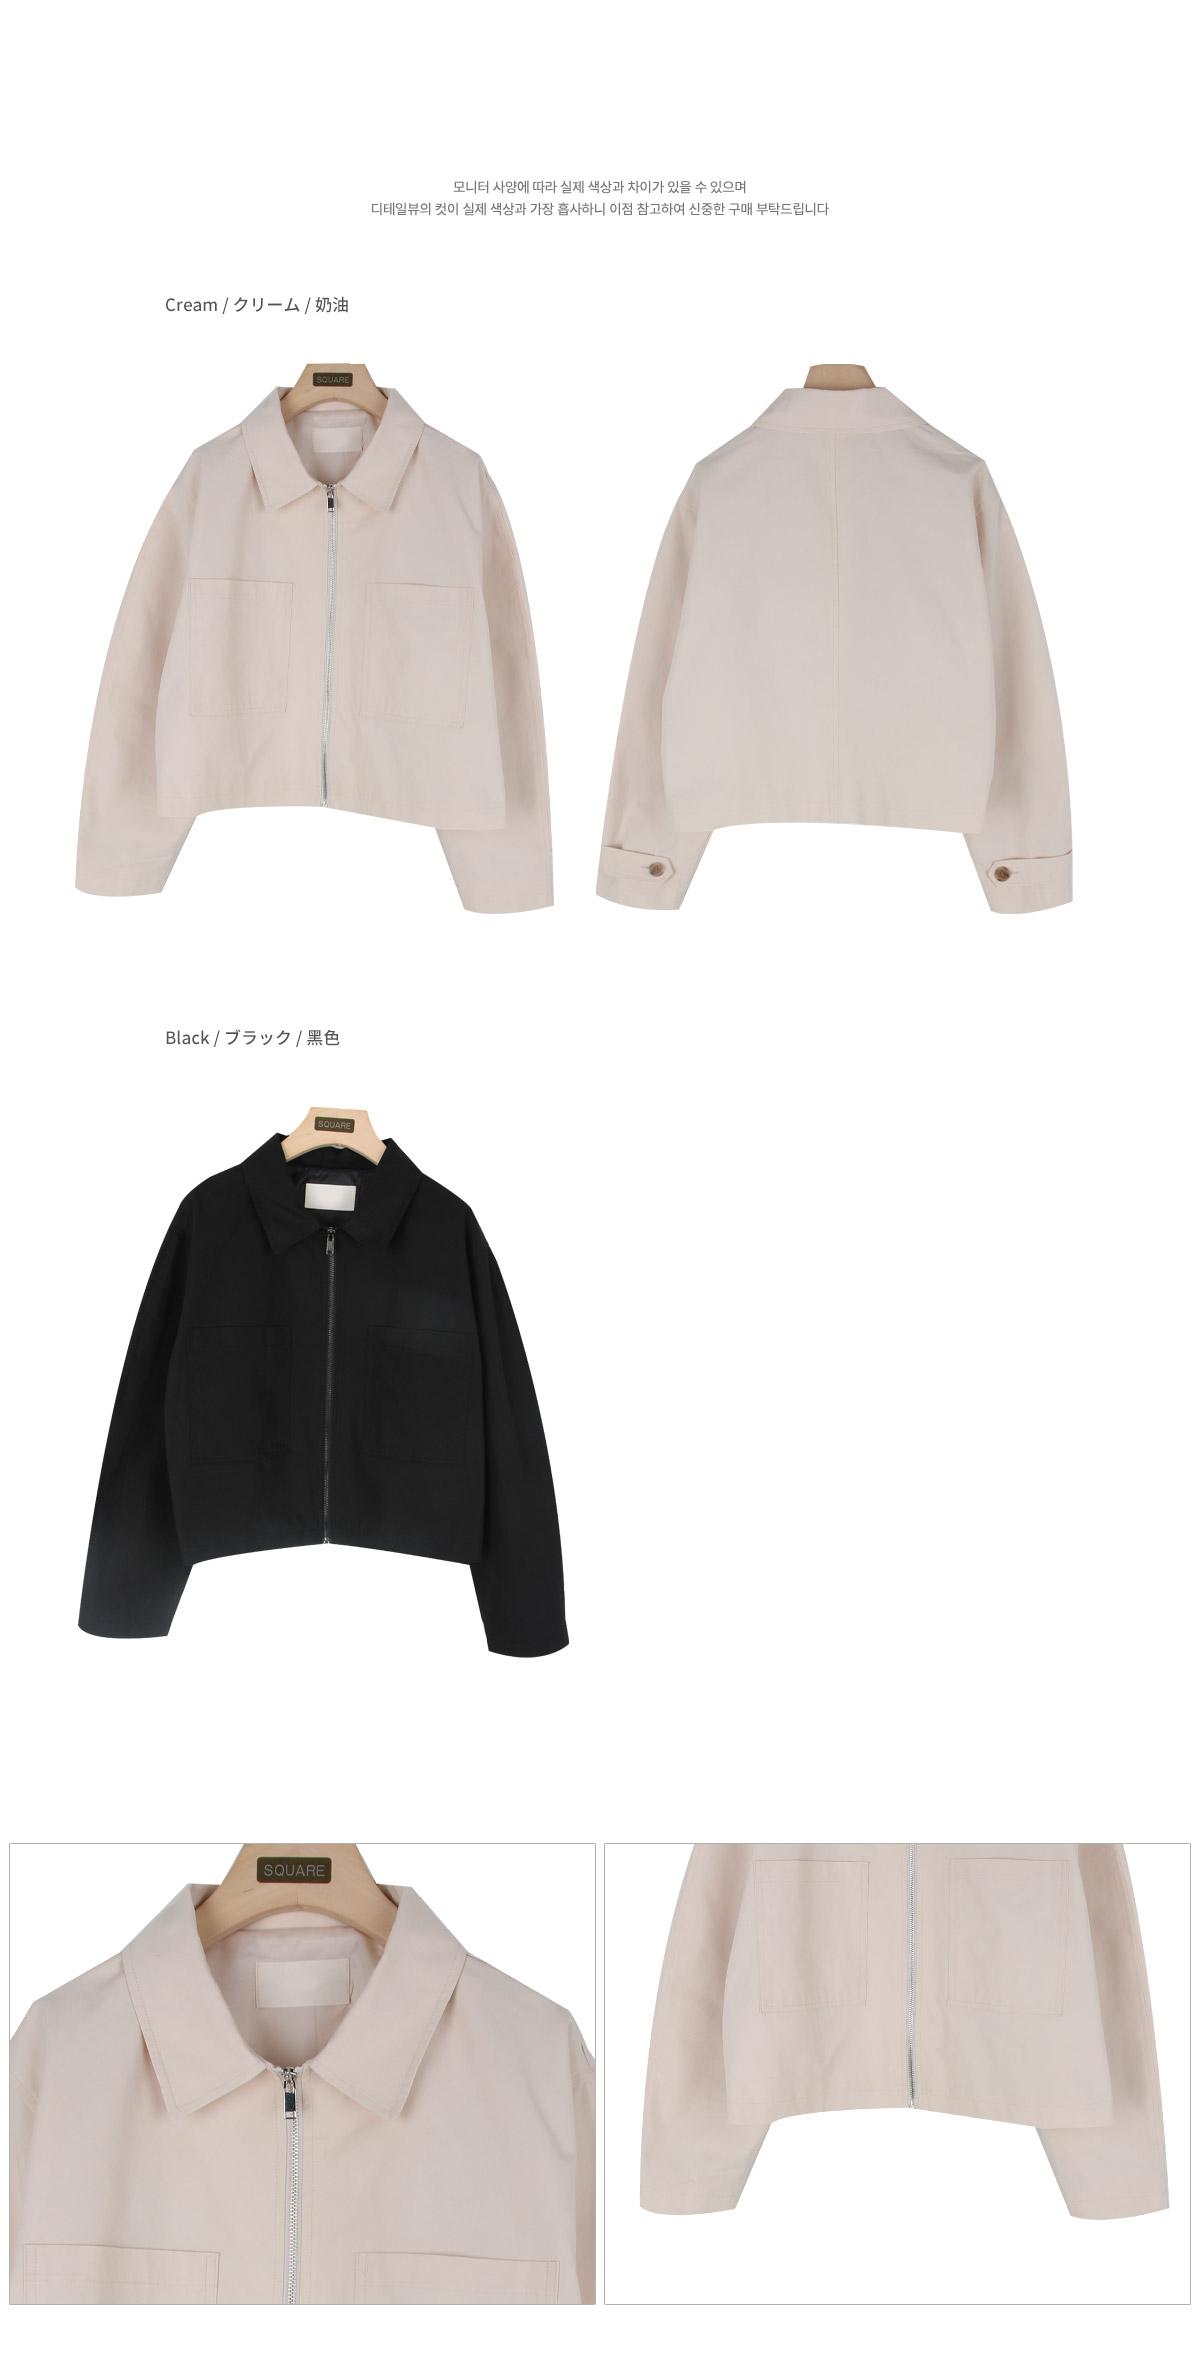 Near jacket